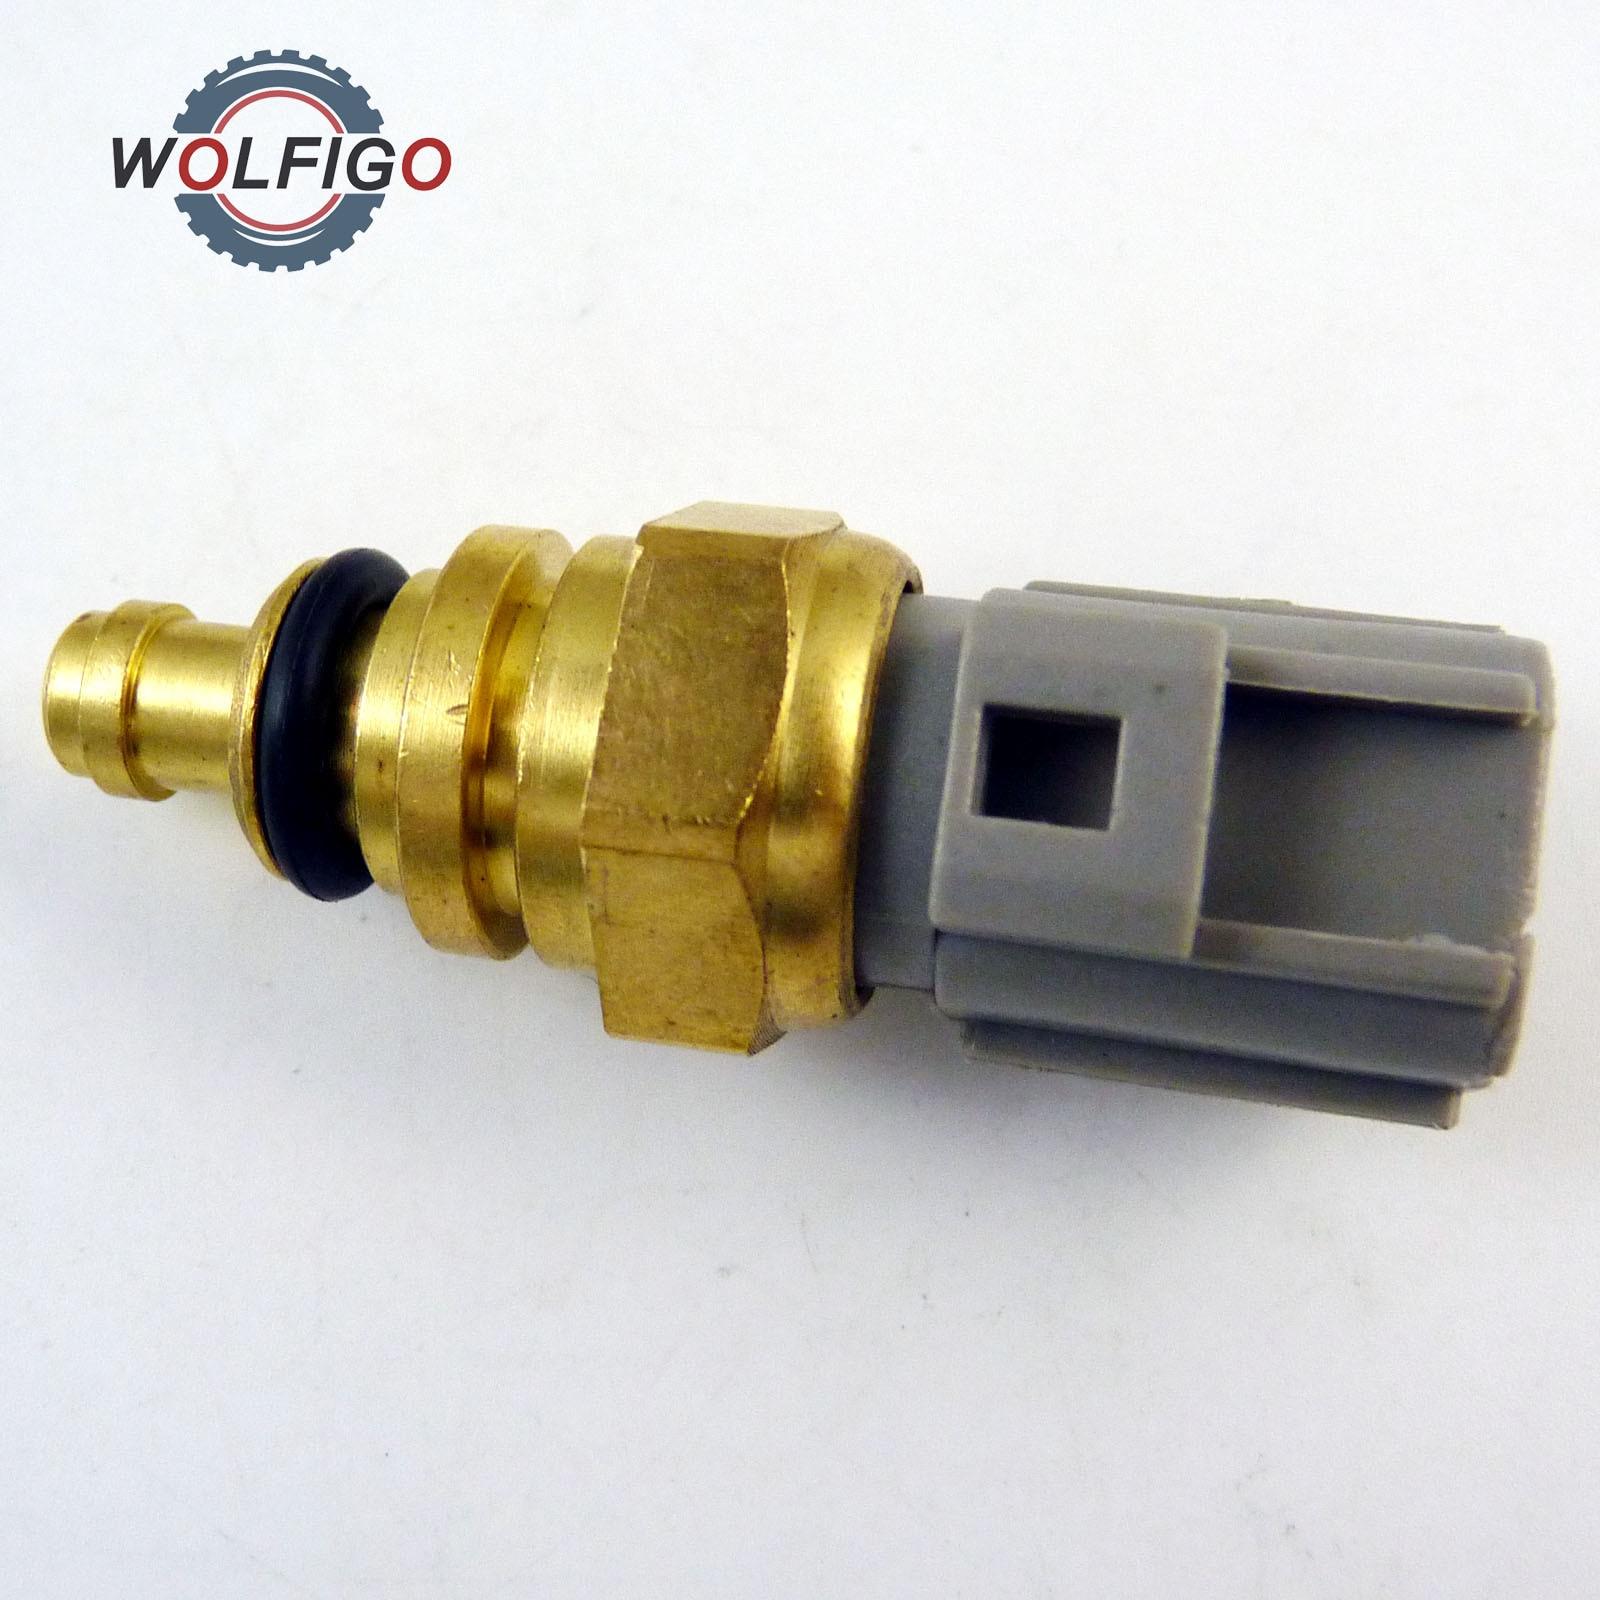 Auto 7 032-0029 Engine Coolant Temperature Sender